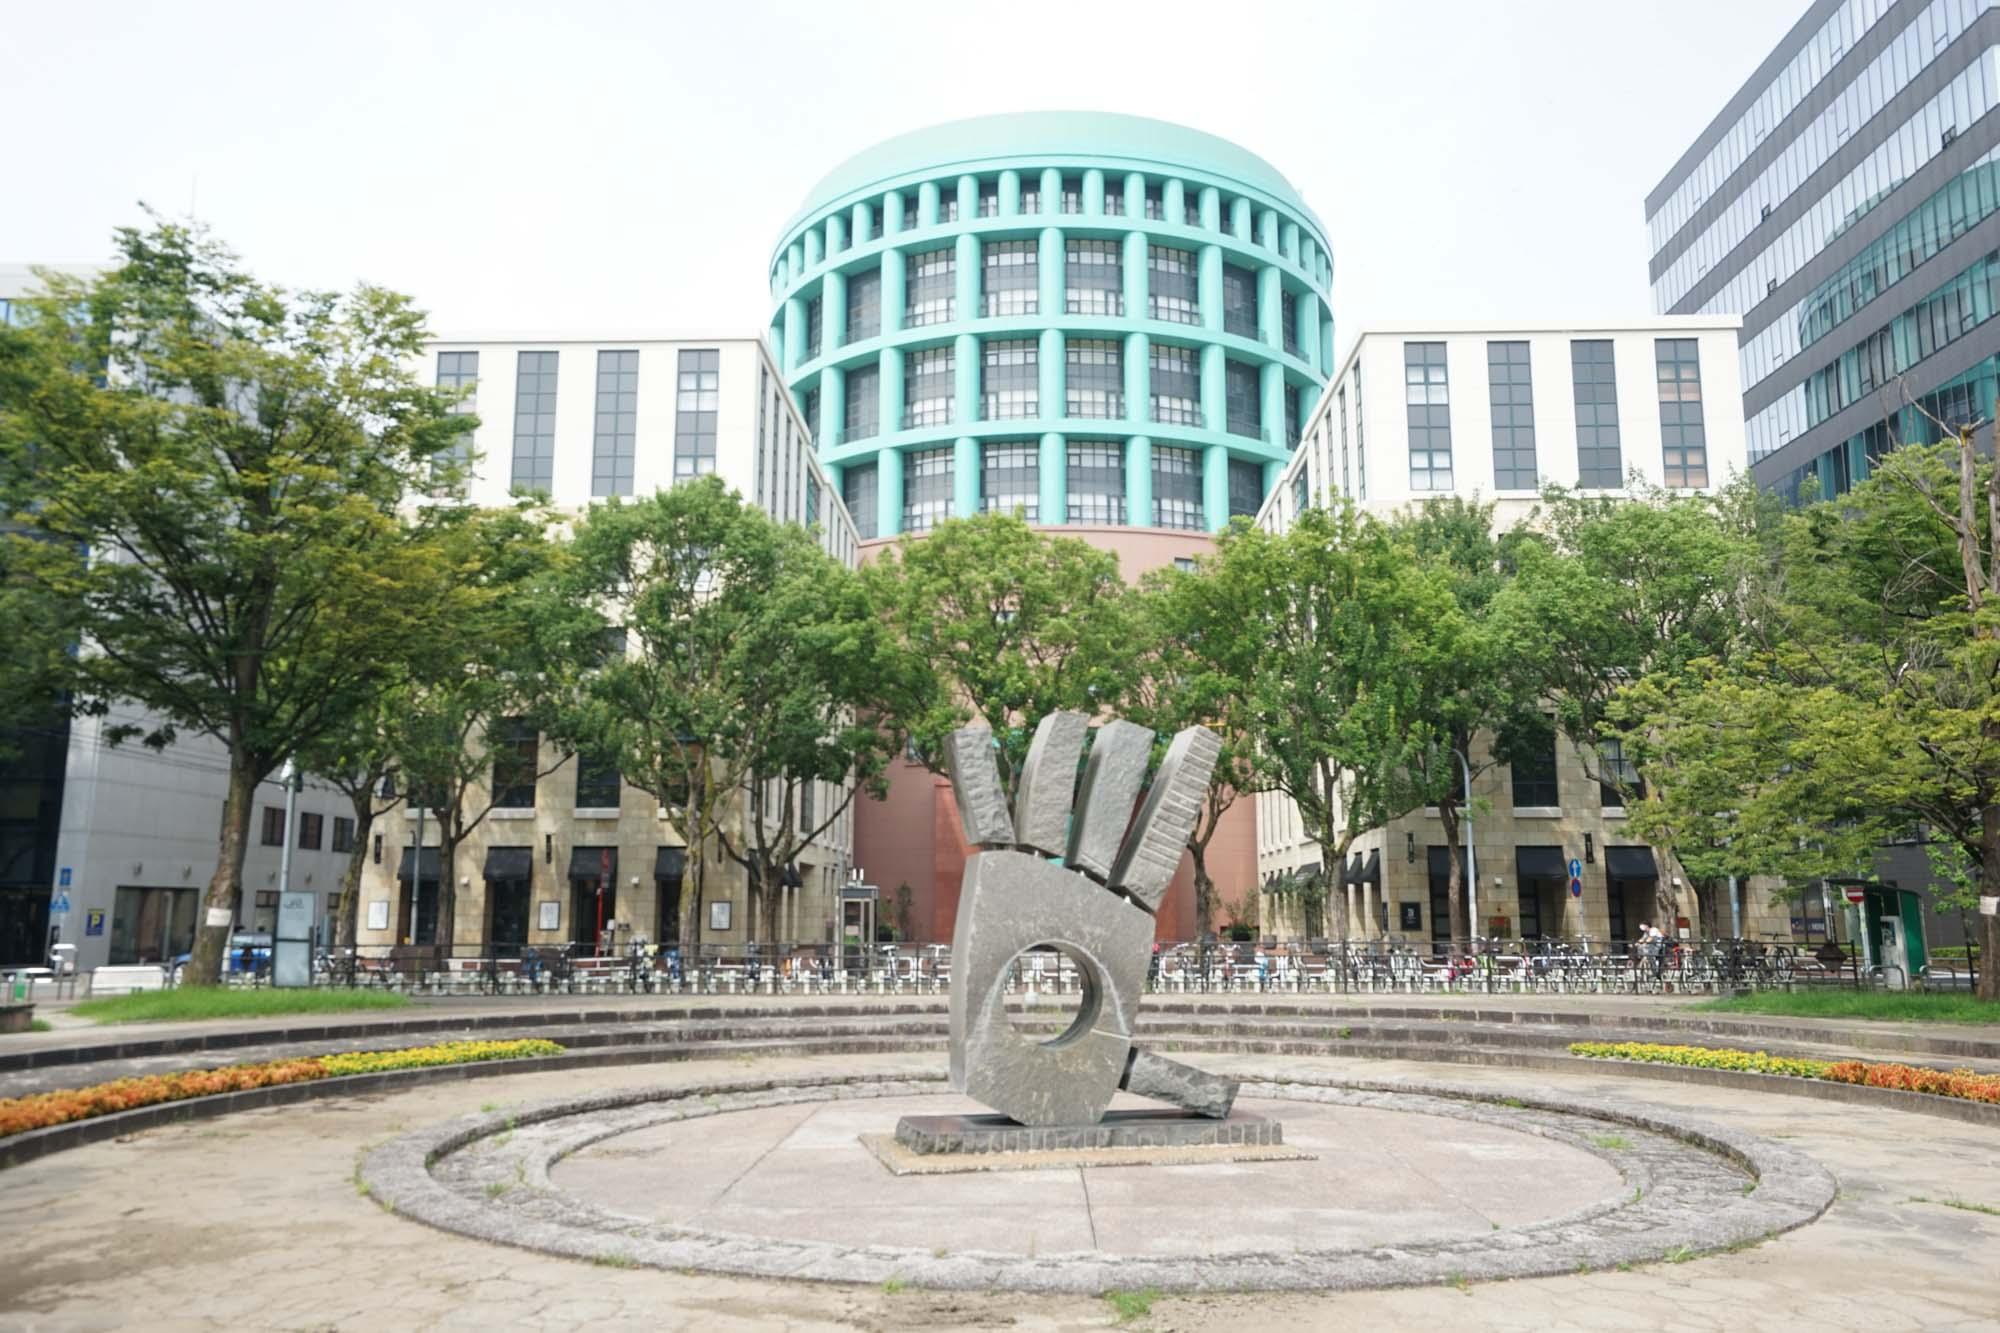 ポストモダン建築を代表する作家、マイケル・グレイヴス氏が設計した建物はインパクト大です。